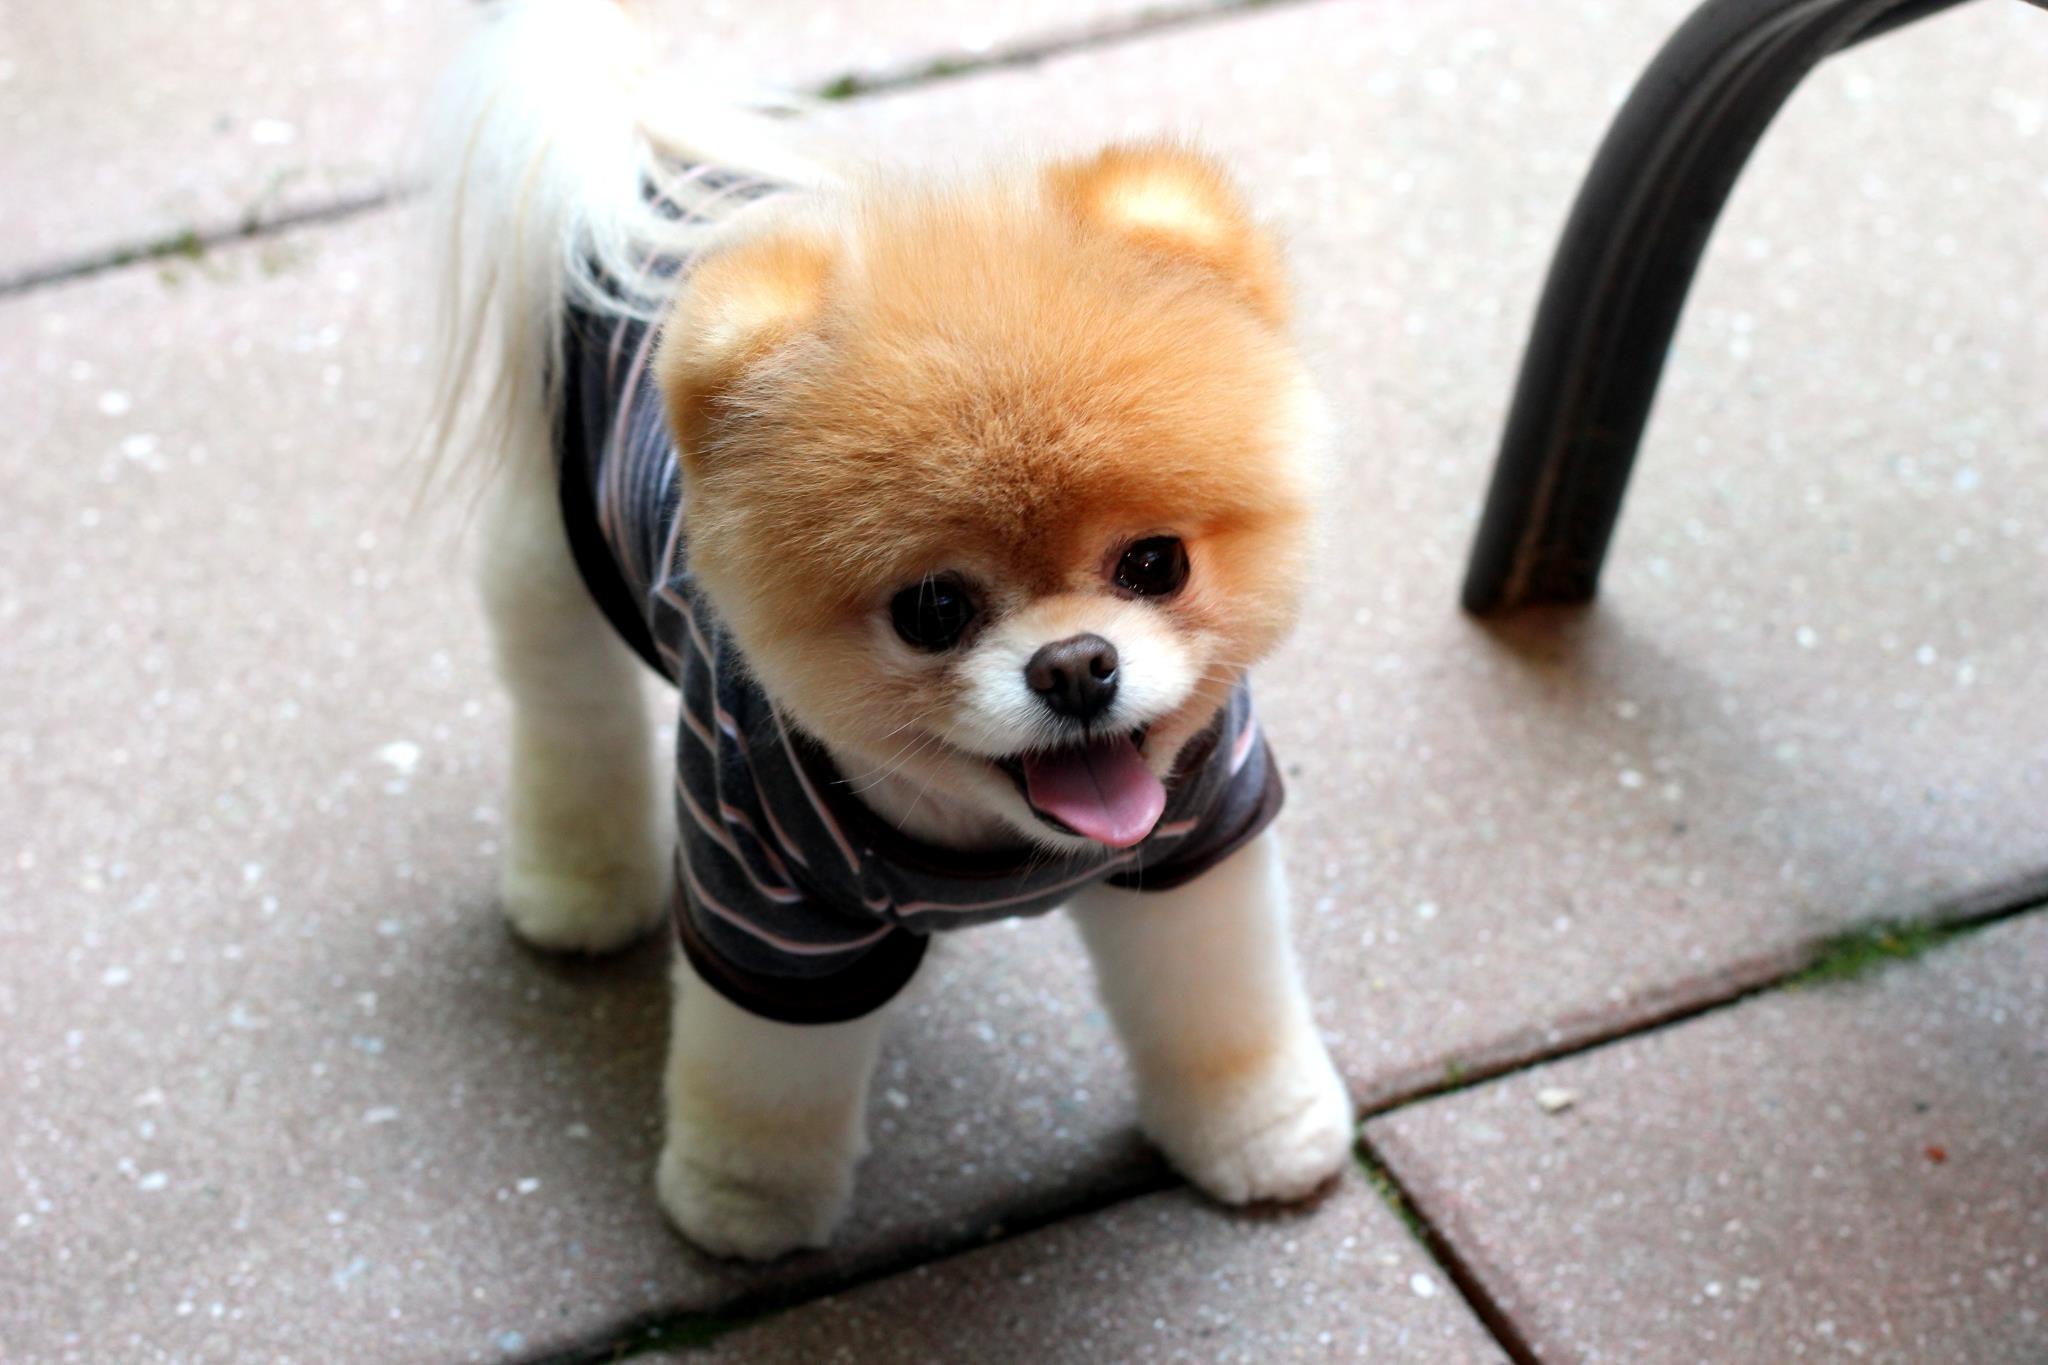 犬 子犬 ポメラニアン チワワ 哺乳類 2048x1365 px 脊椎動物 哺乳類のような犬 犬の